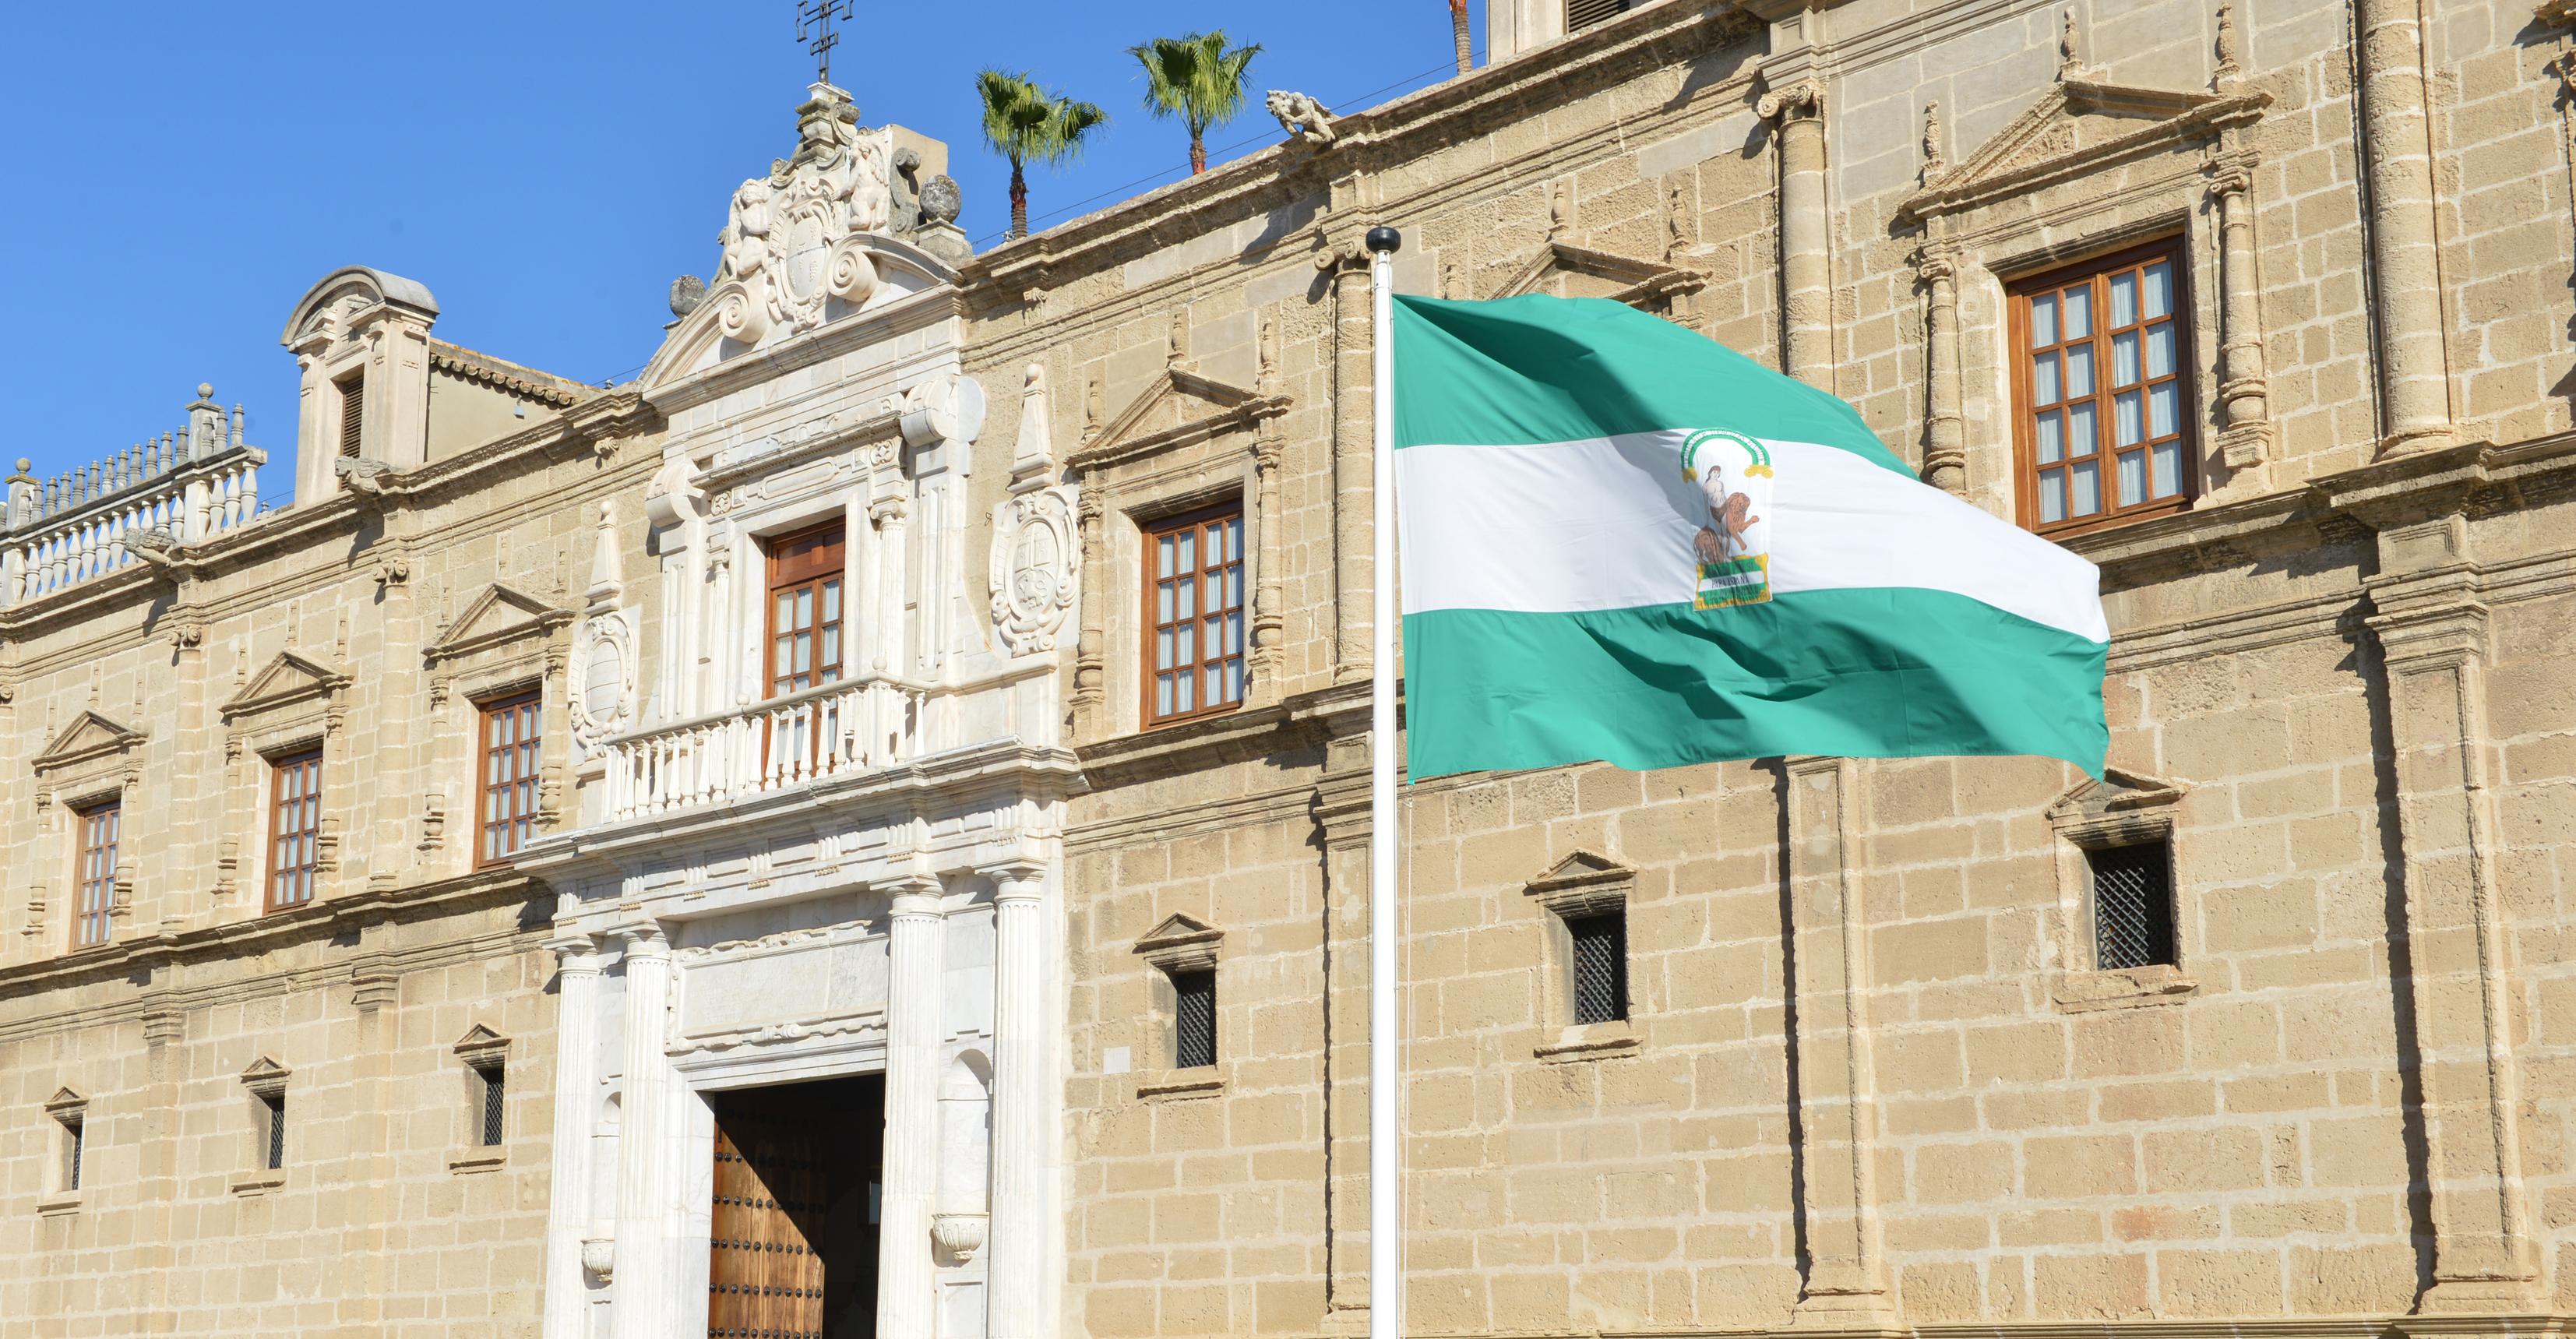 Andalucía publica el decreto de acreditación de la prescripción enfermera en la comunidad